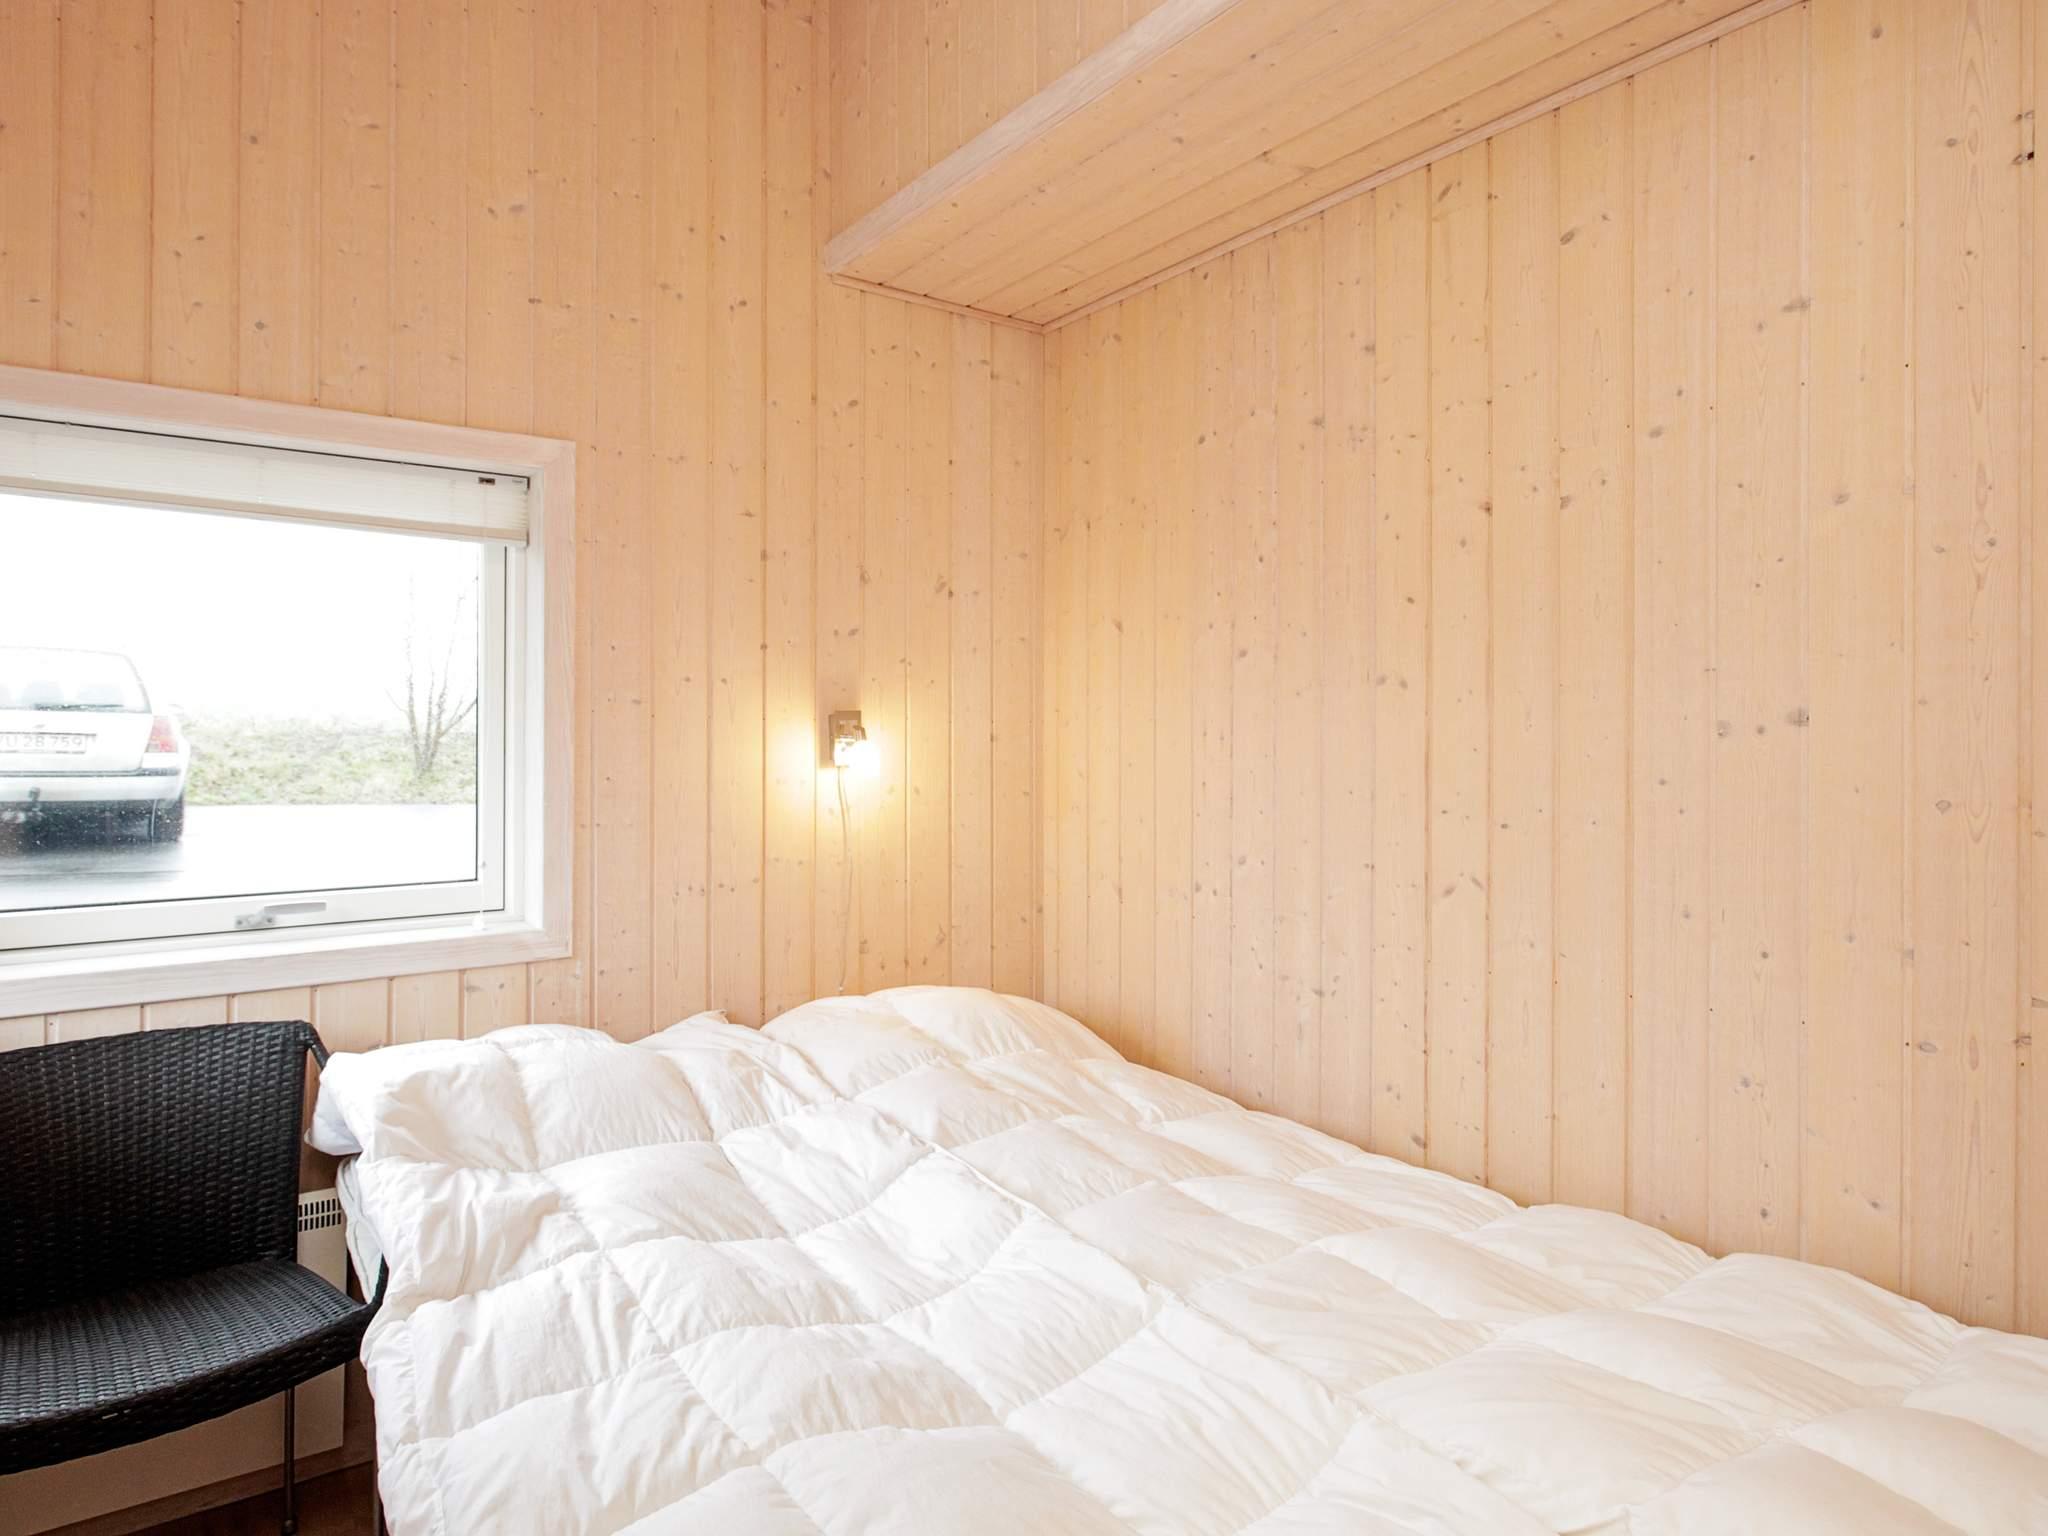 Ferienhaus Dageløkke (235475), Dageløkke, , Langeland, Dänemark, Bild 5